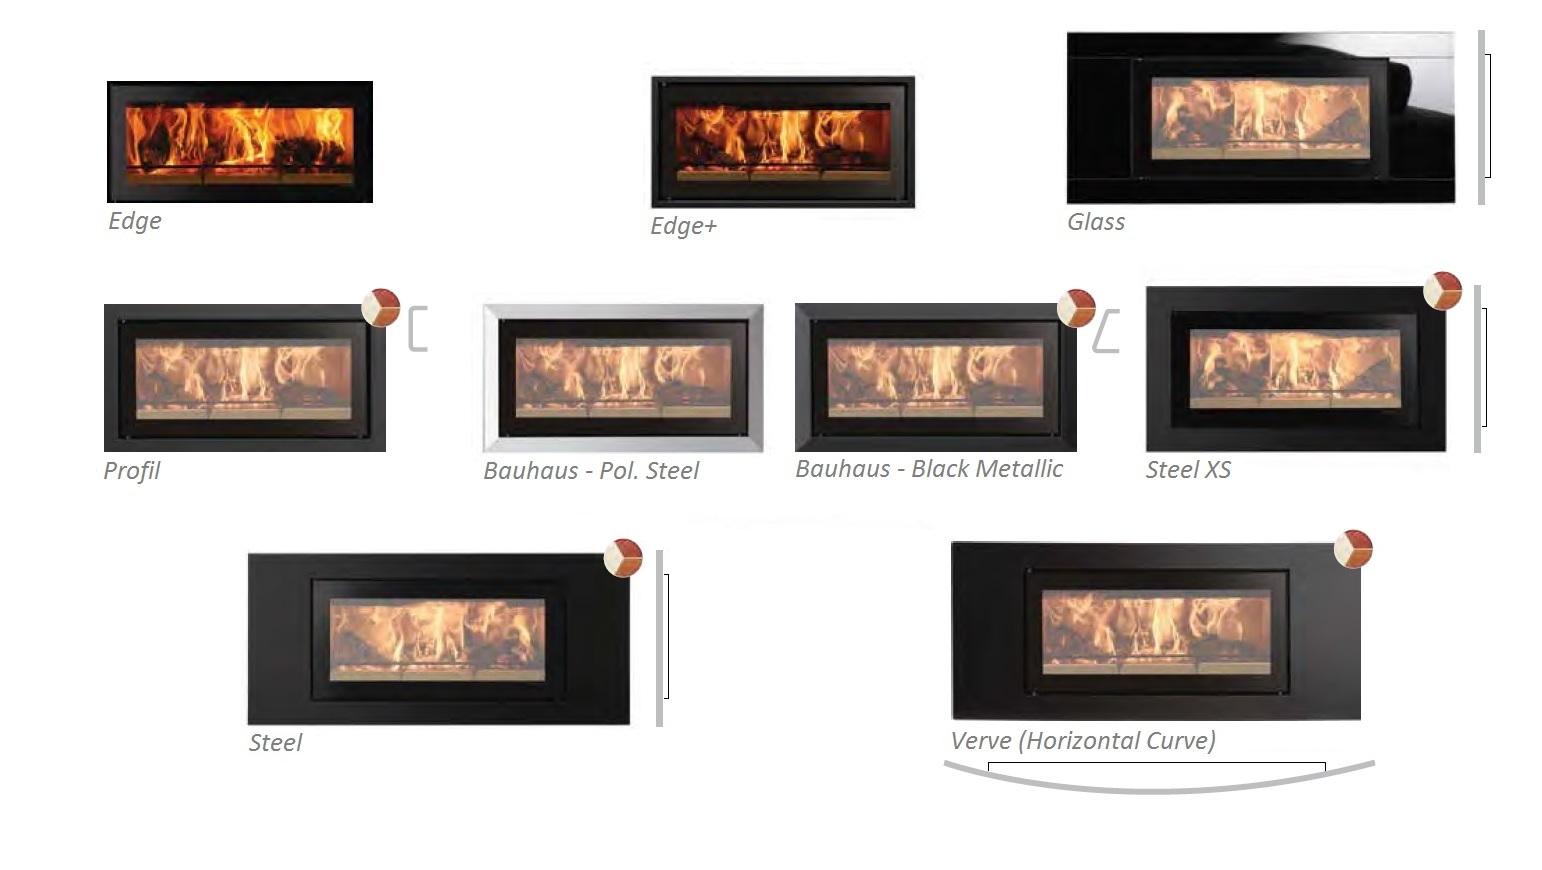 Studio 3 - Stovax Frames